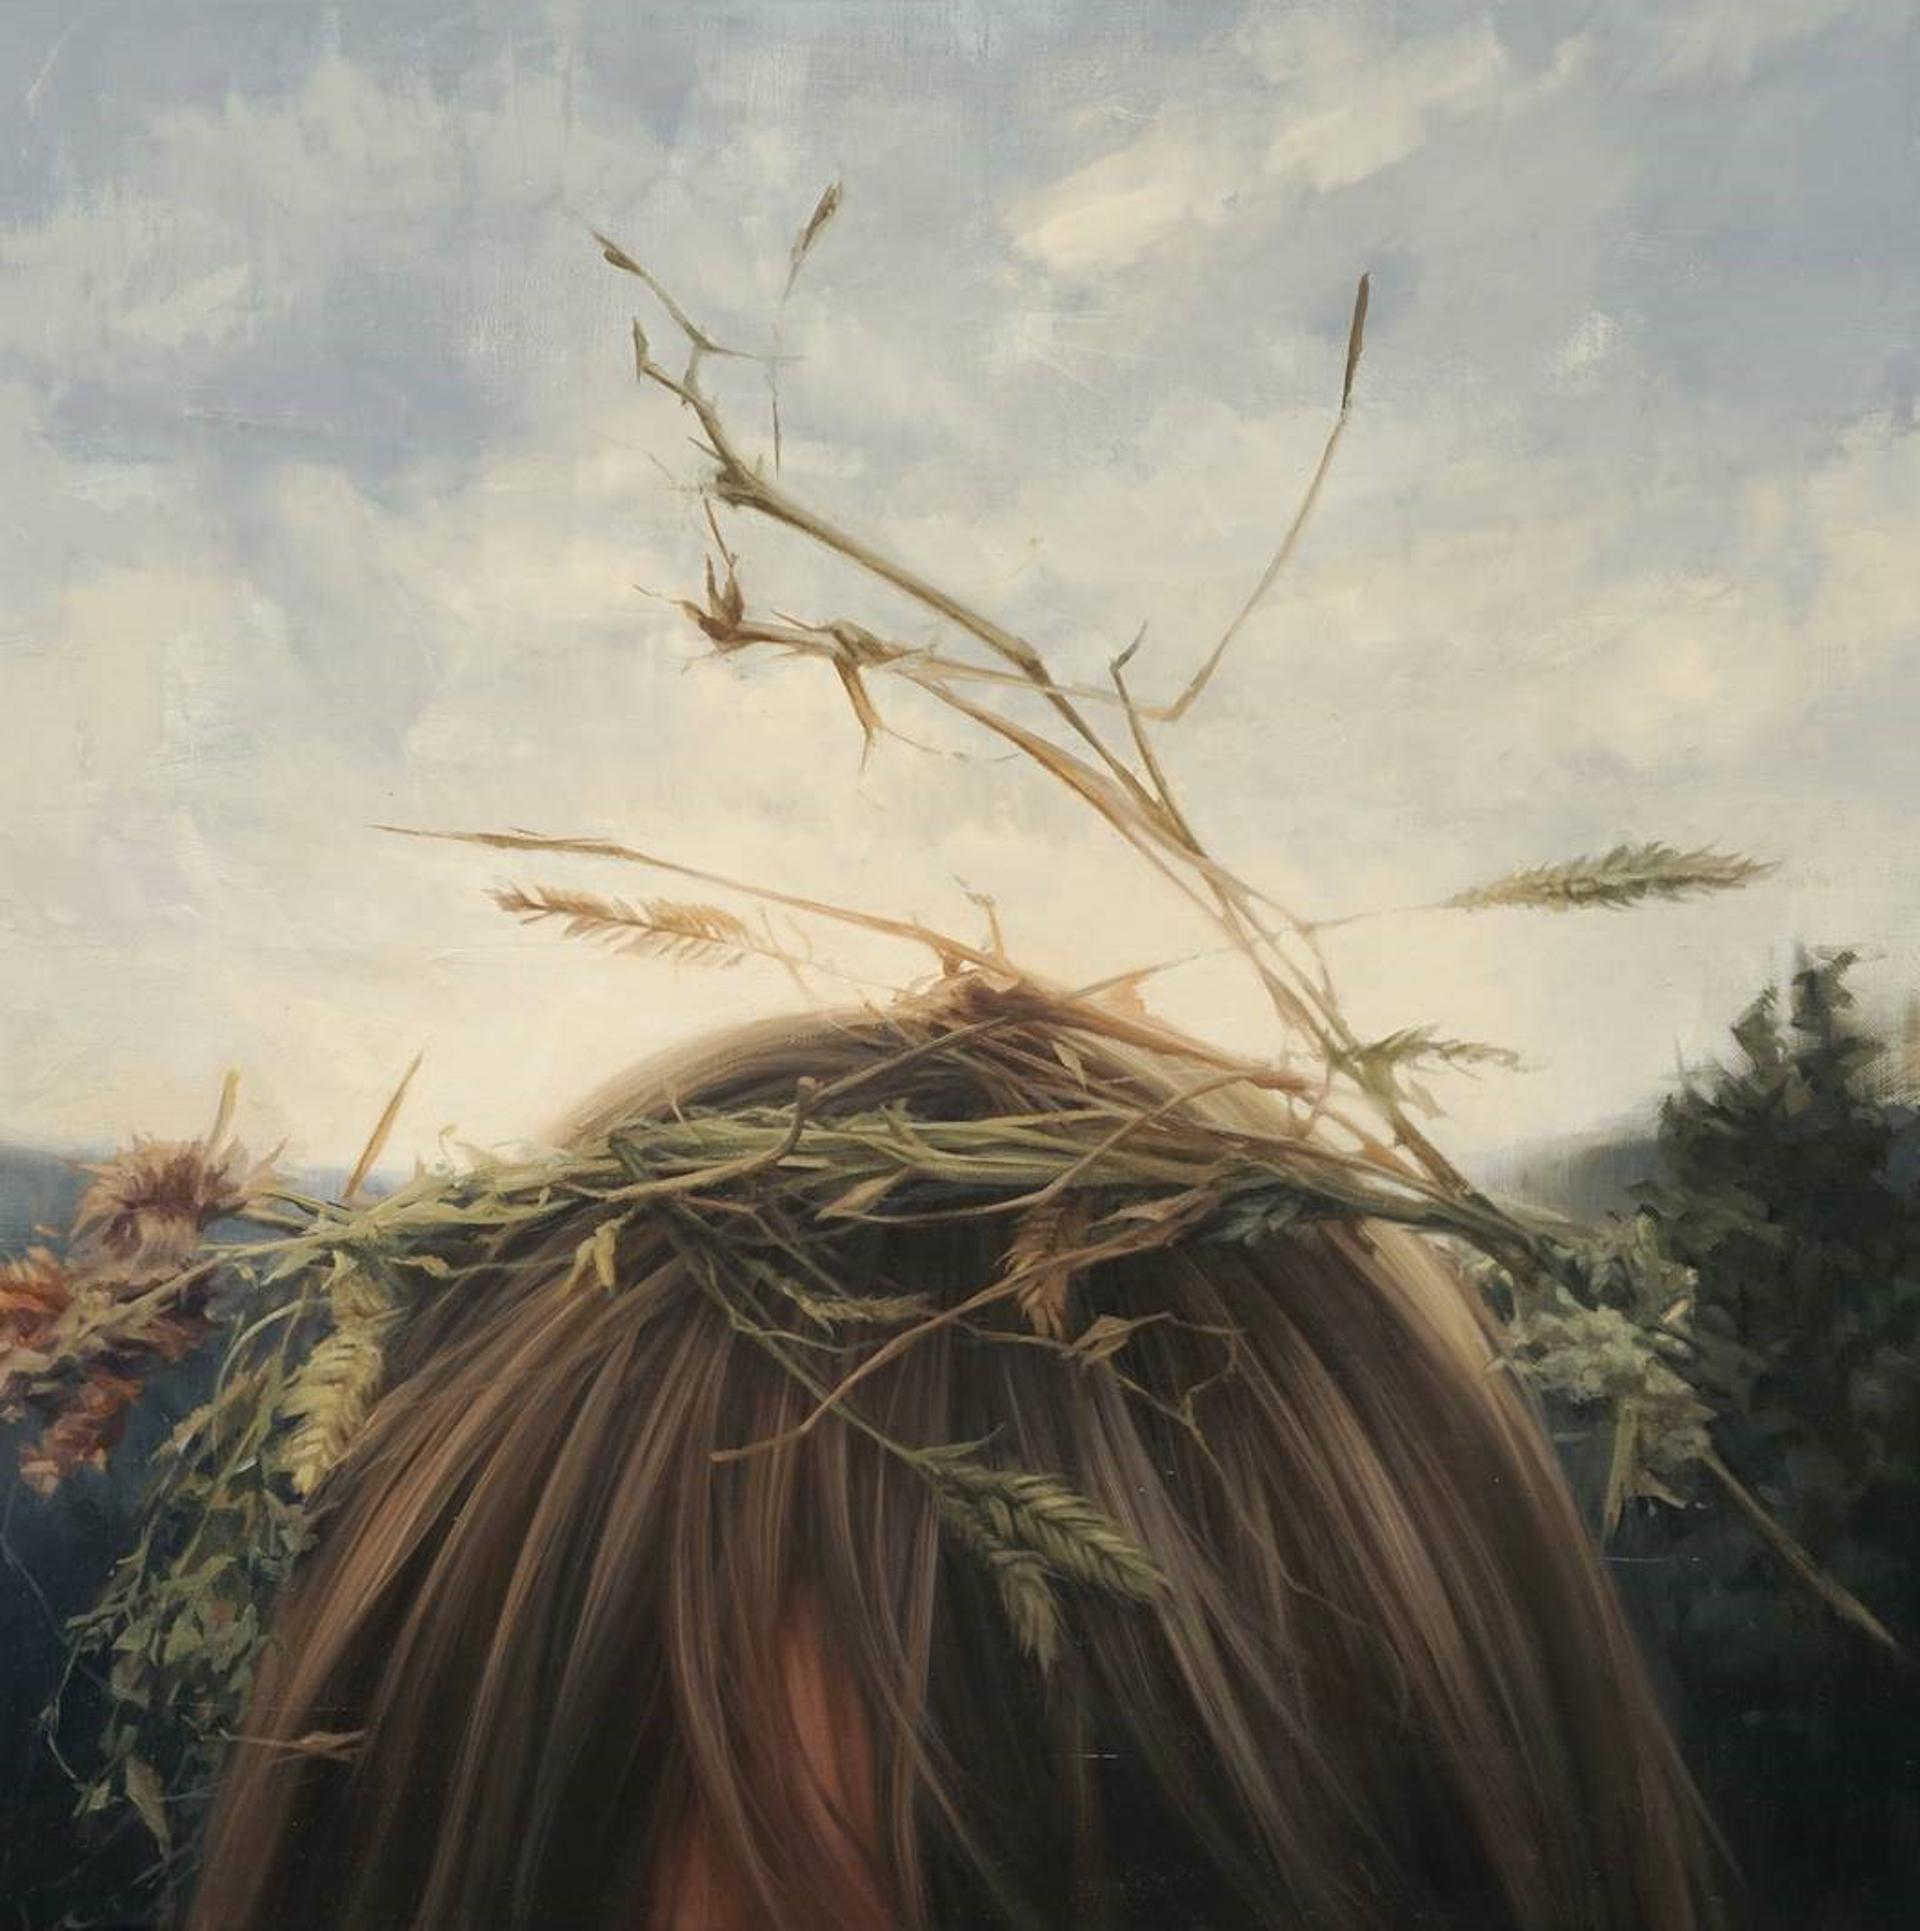 Hearken by Robin Cole